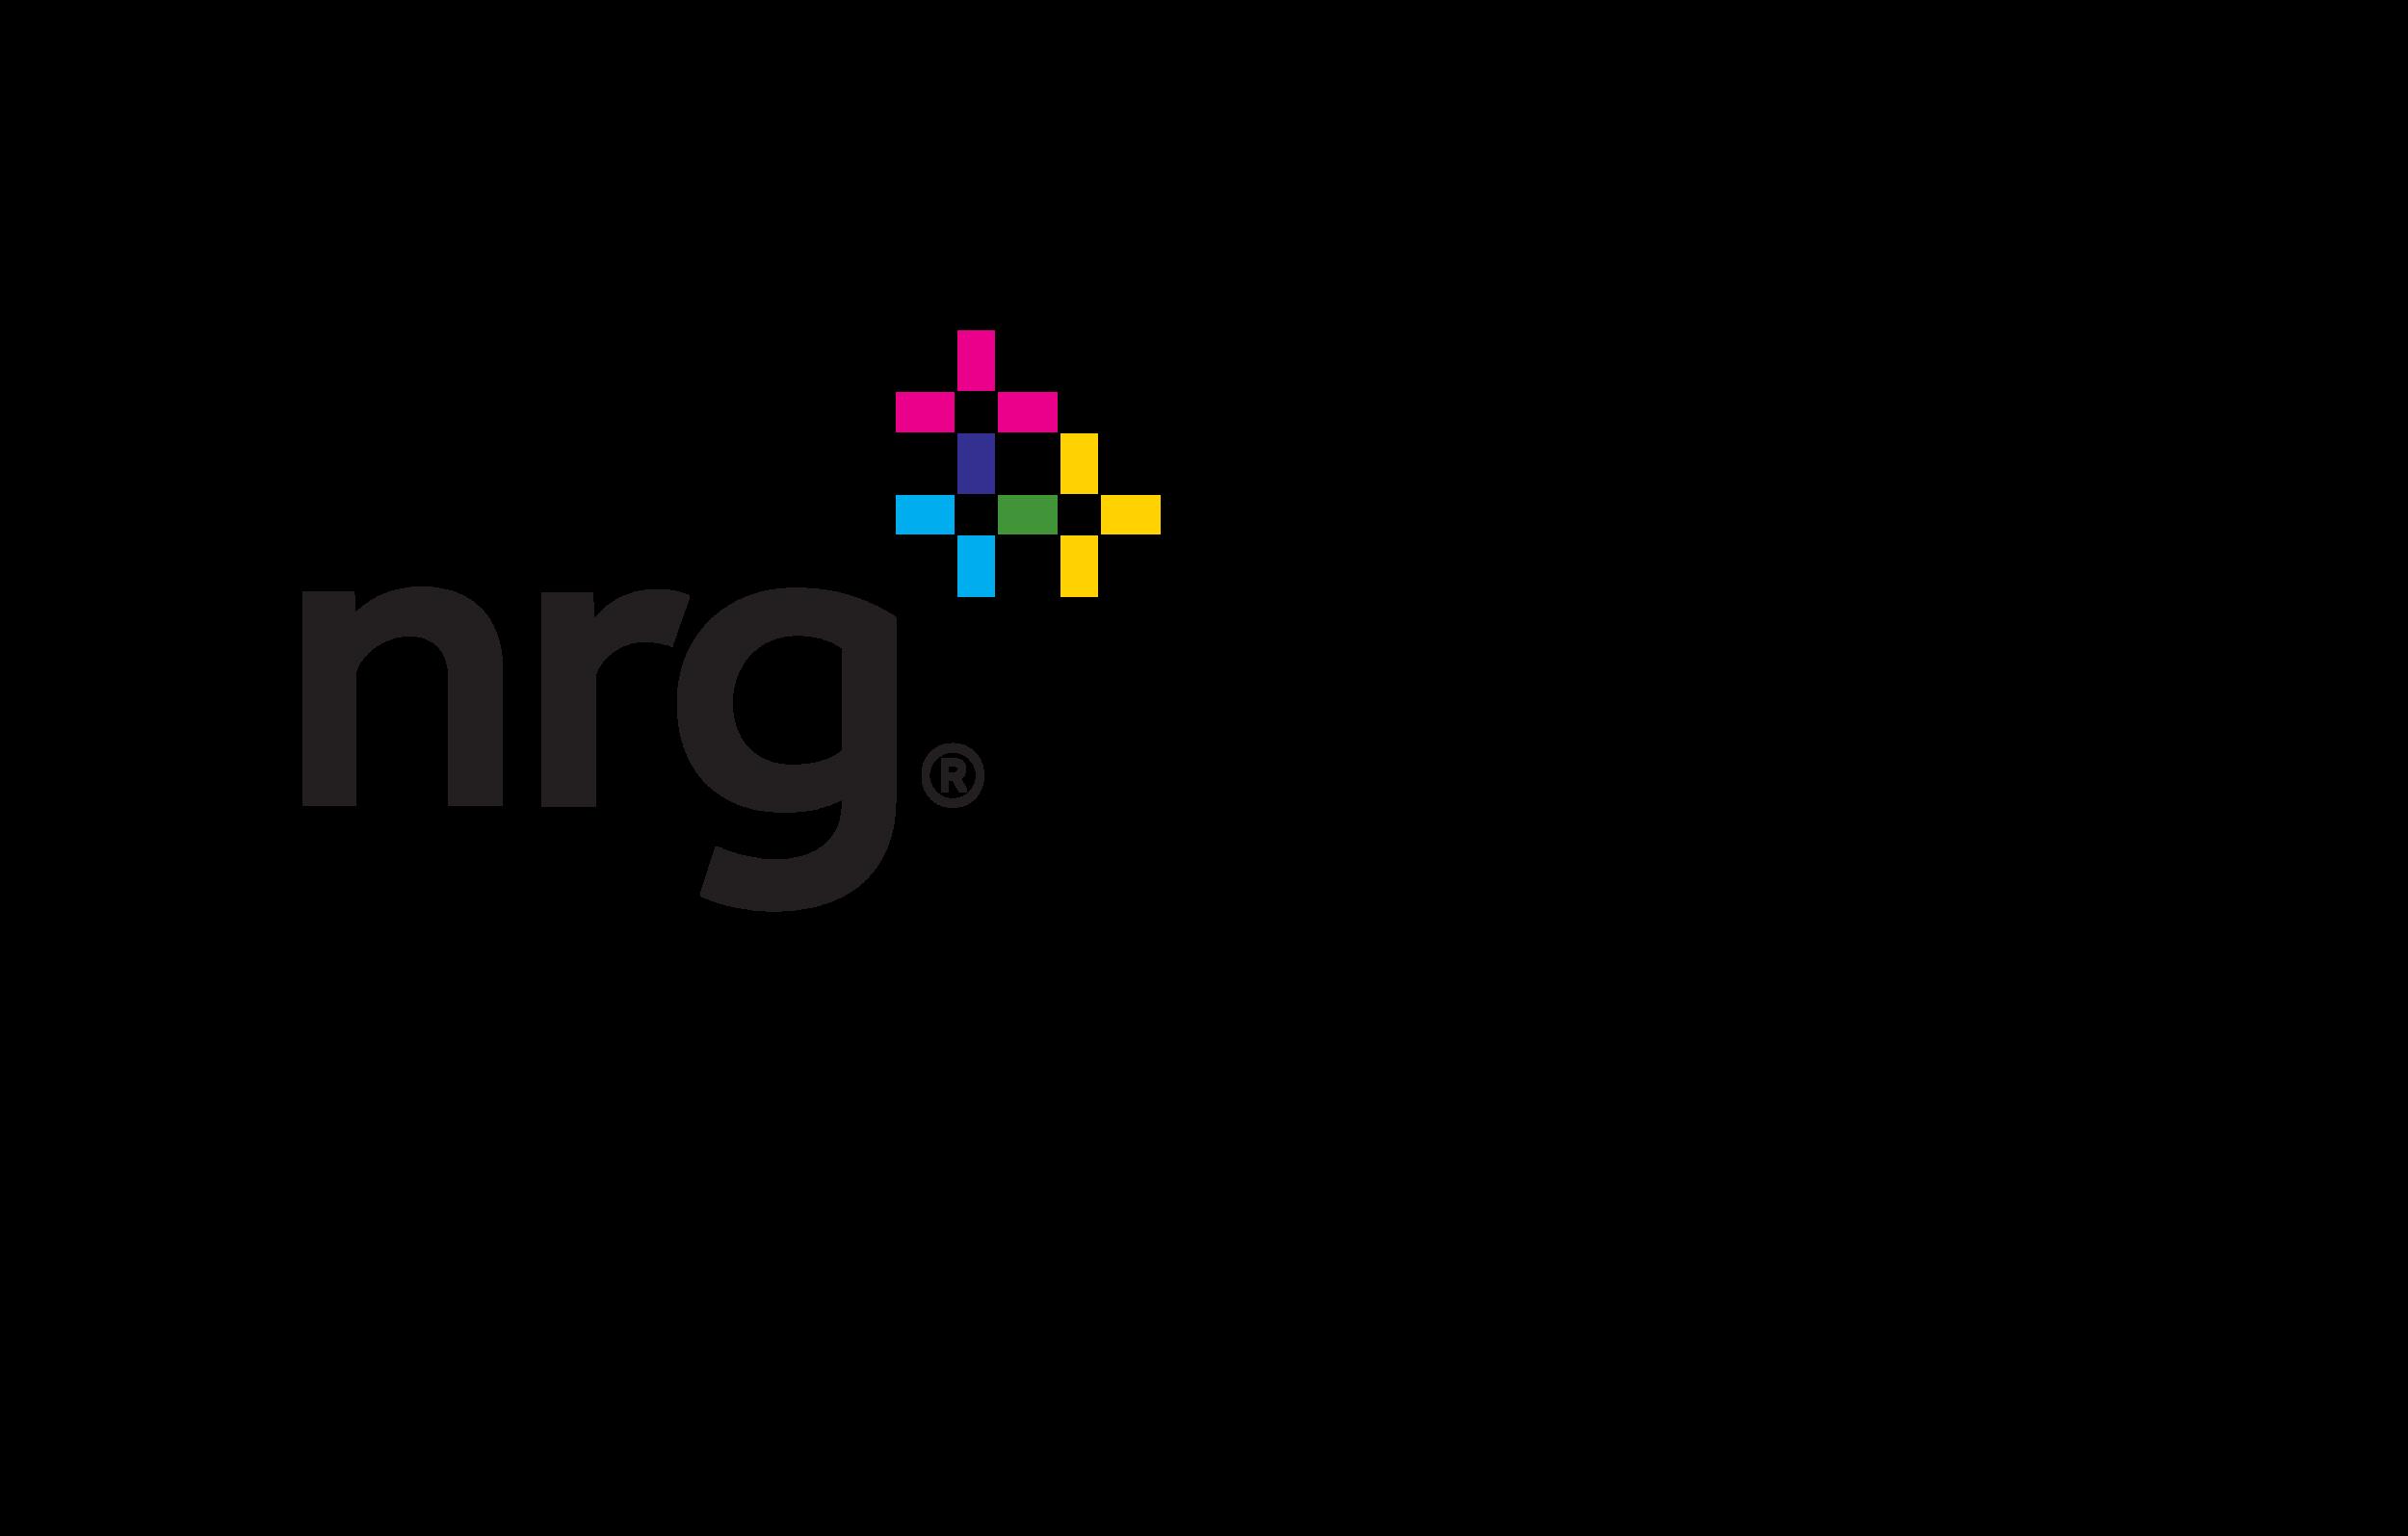 nrghs_logo_redesign_FINAL-01.png